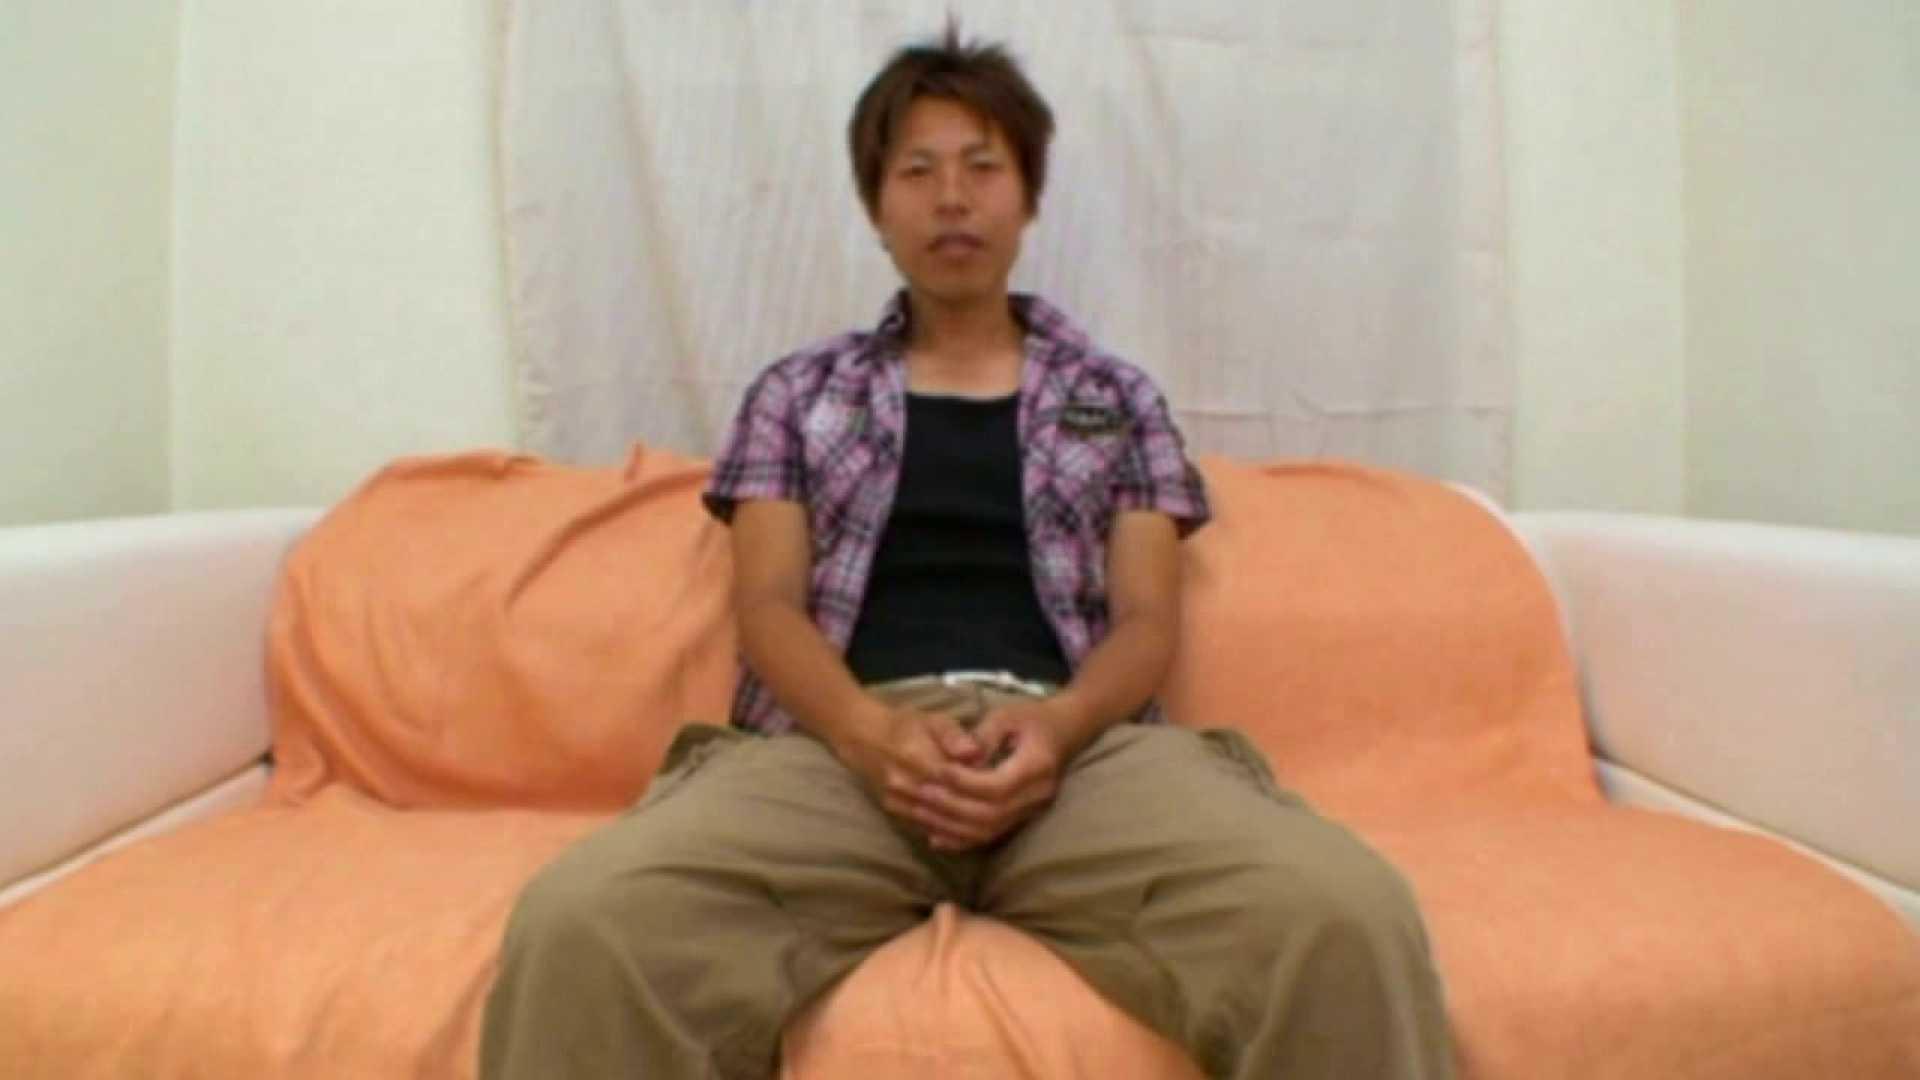 ノンケ!自慰スタジオ No.10 オナニー アダルトビデオ画像キャプチャ 113枚 94